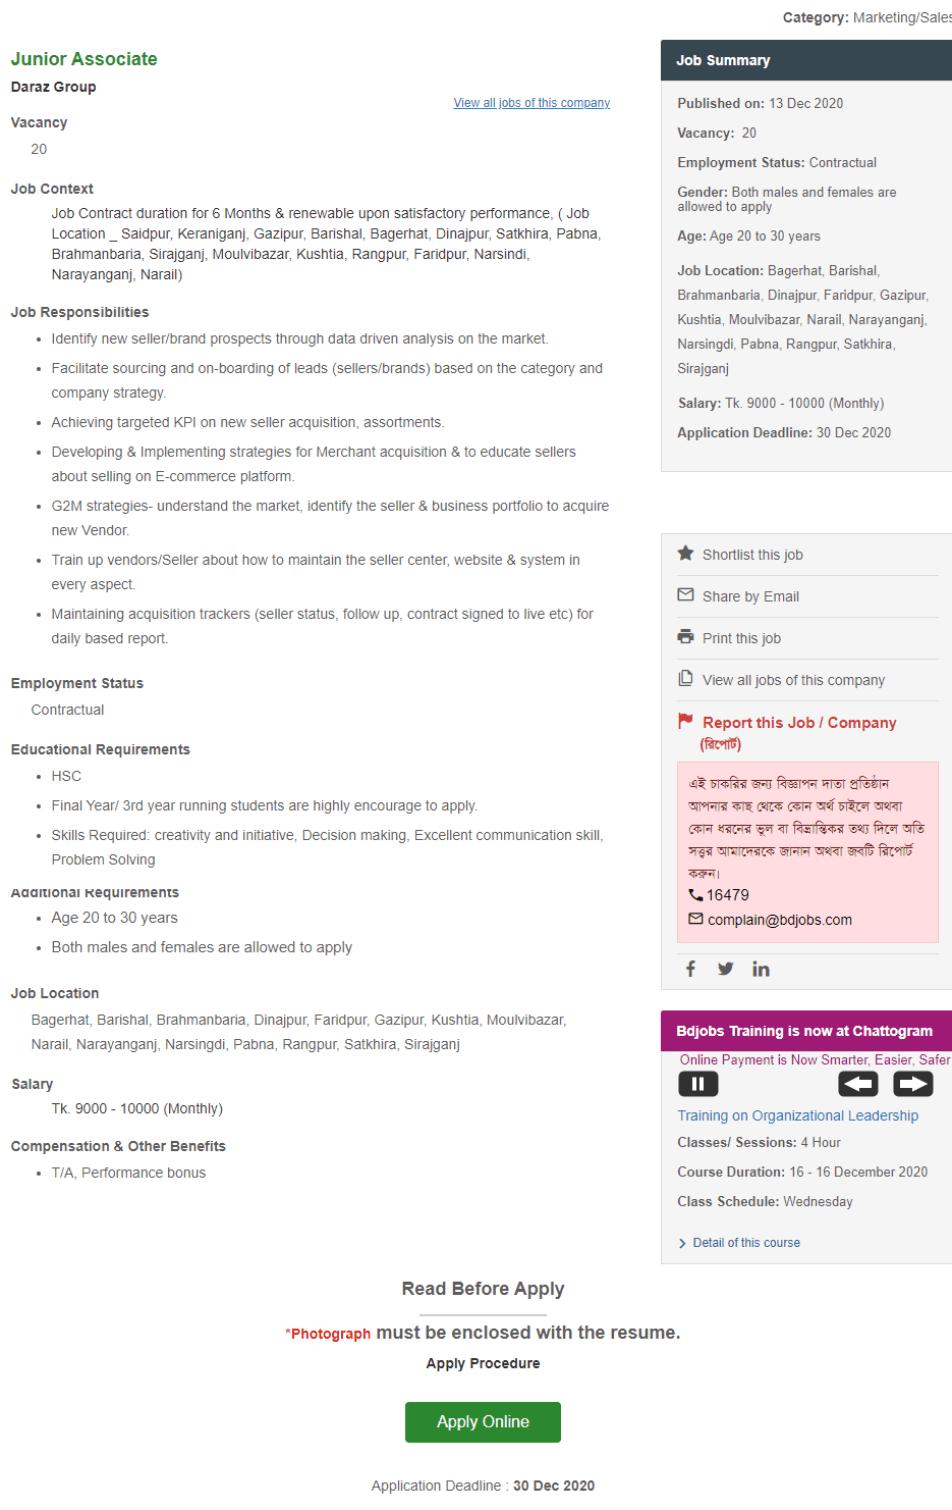 screenshot-jobs.bdjobs.com-2020.12.13-21-14-11